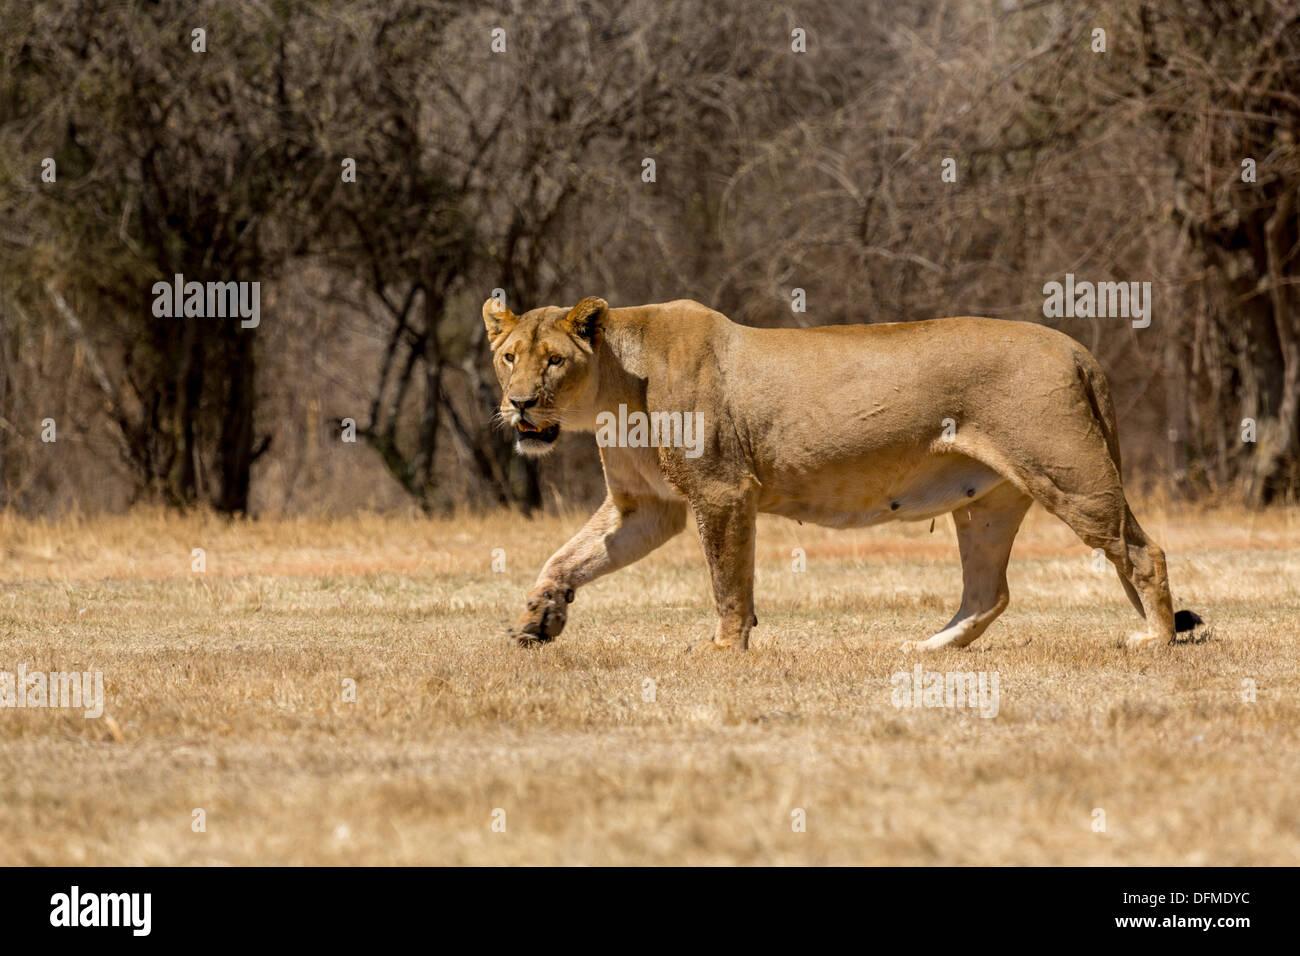 Une lionne d'une promenade dans la savane sèche des terres d'un parc national en Afrique du Sud Photo Stock